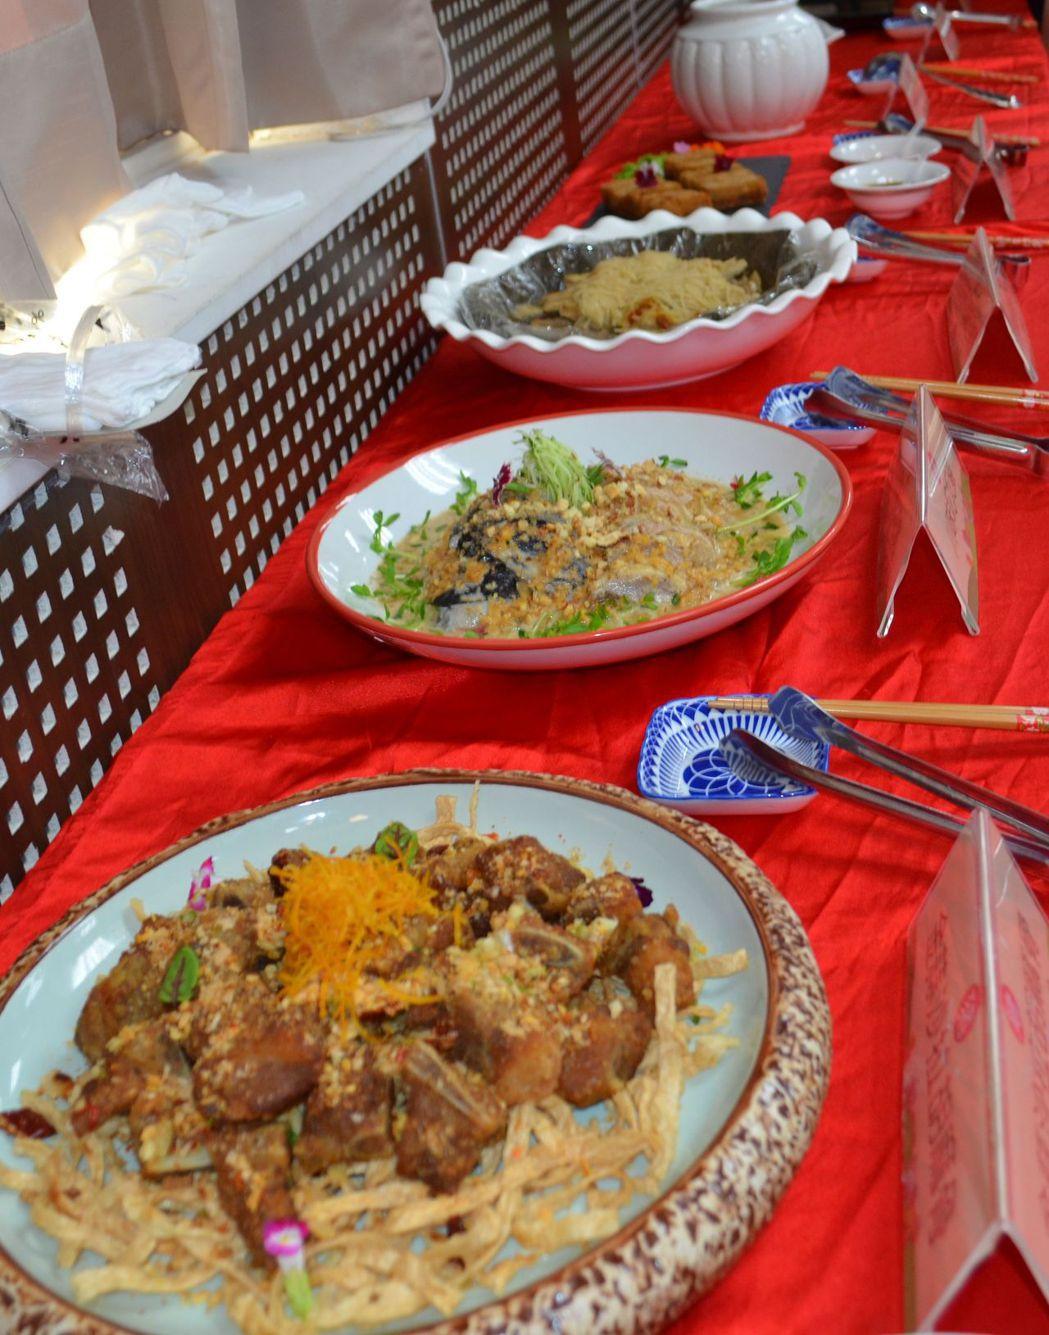 台灣畜產食材烹煮出精彩料理,讓人食指大動。  陳慧明 攝影